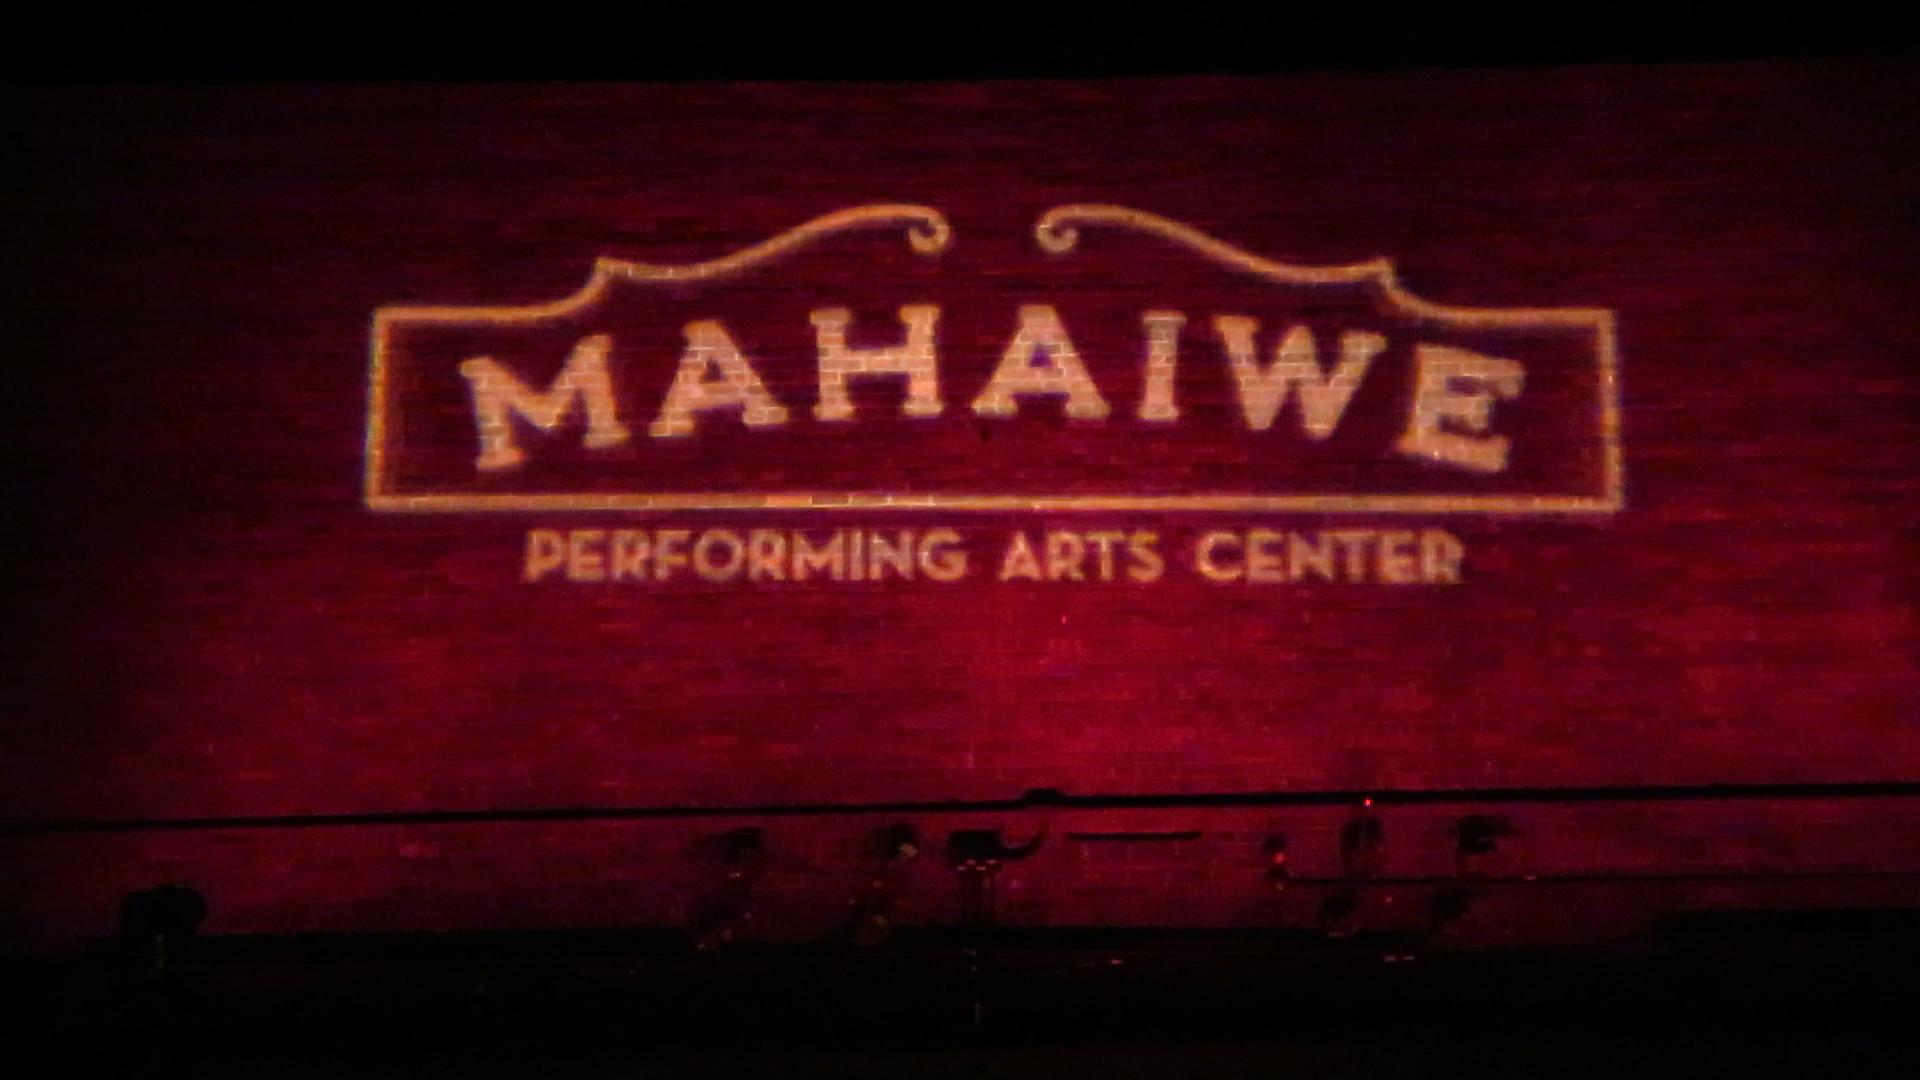 Mahaiwe logo on brick wall